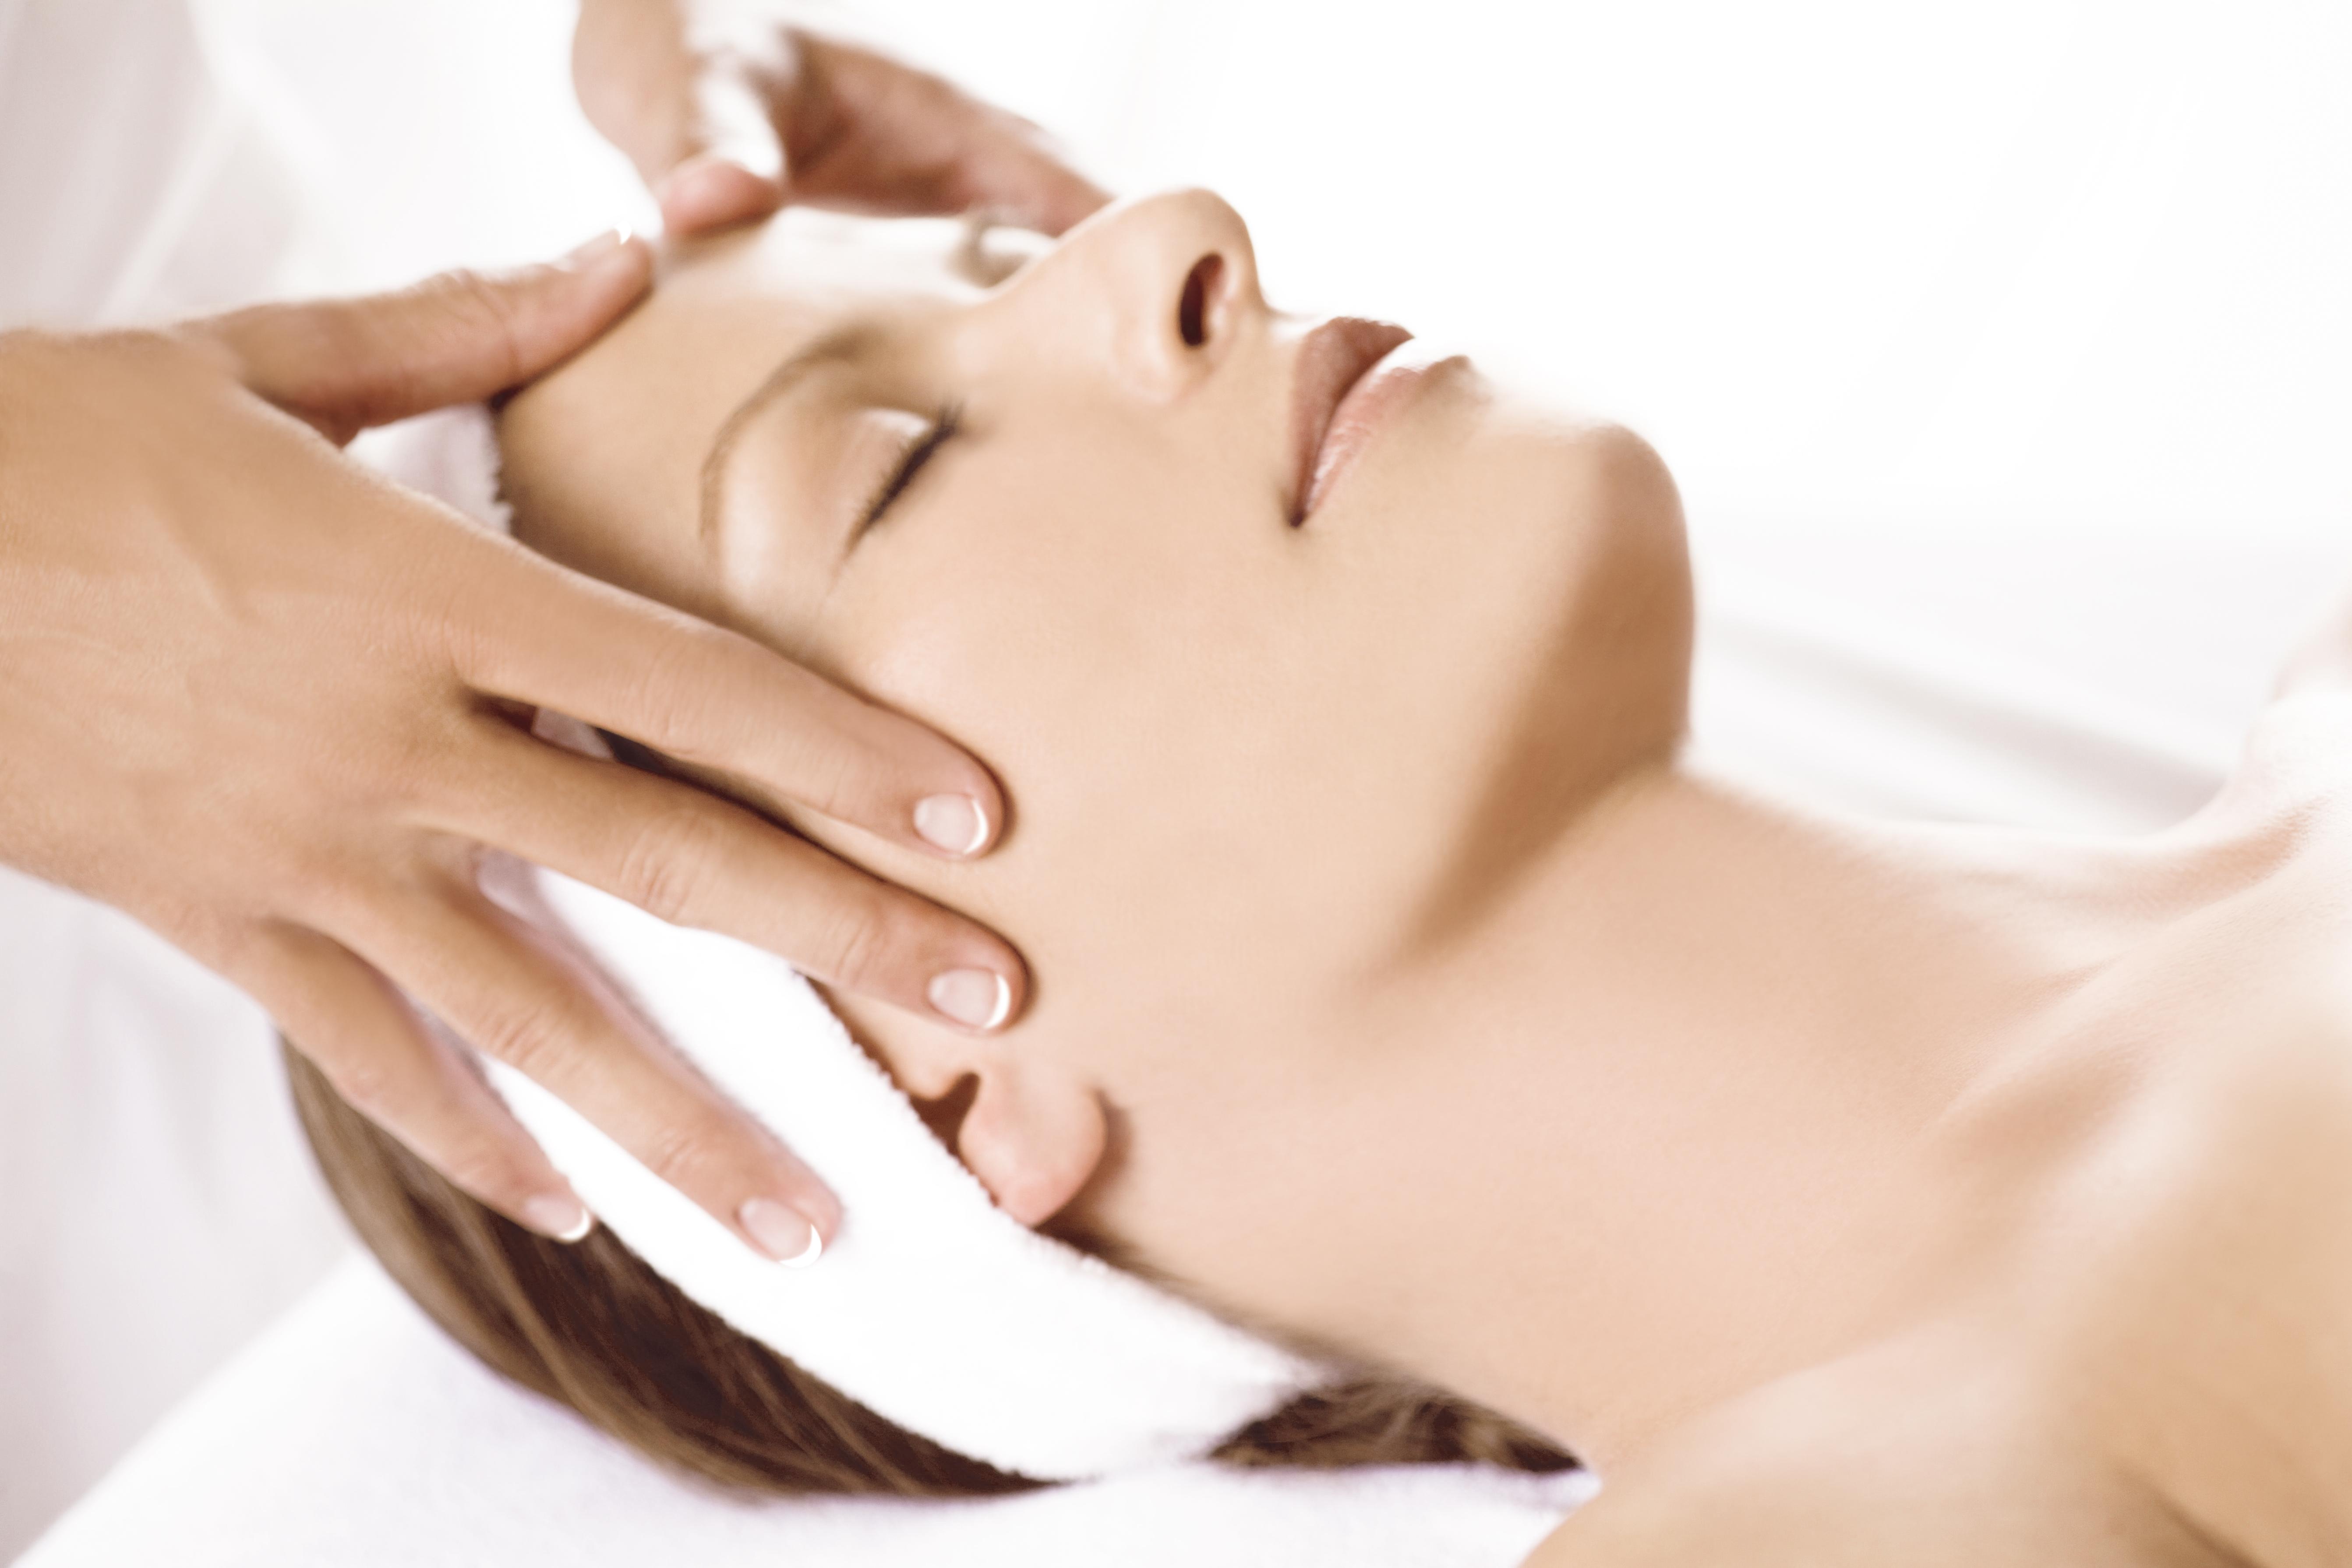 Limpieza de la piel. El producto que necesita tu piel.